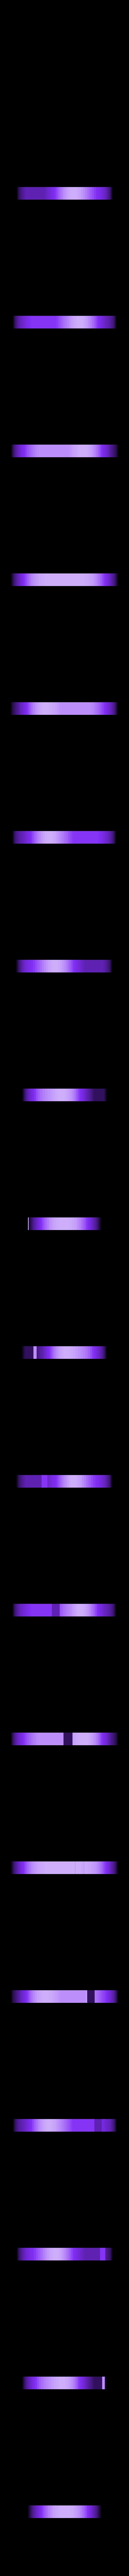 texte_E.STL Download free STL file Direct Drive- E3DV6- Bondtech (right)-Bltouch • 3D printer template, kim_razor